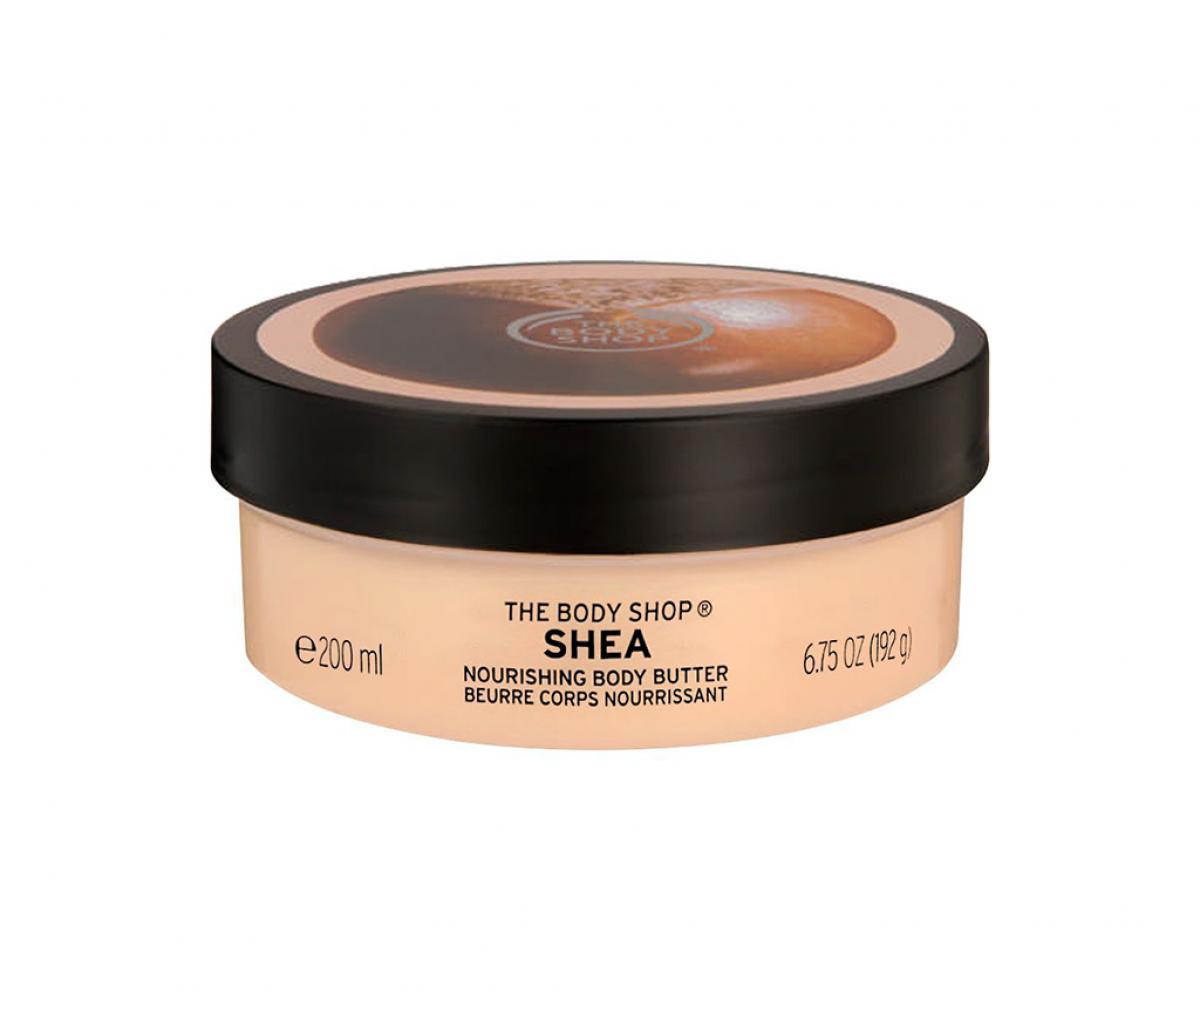 The Body Shop Body Butter Shea 200ml